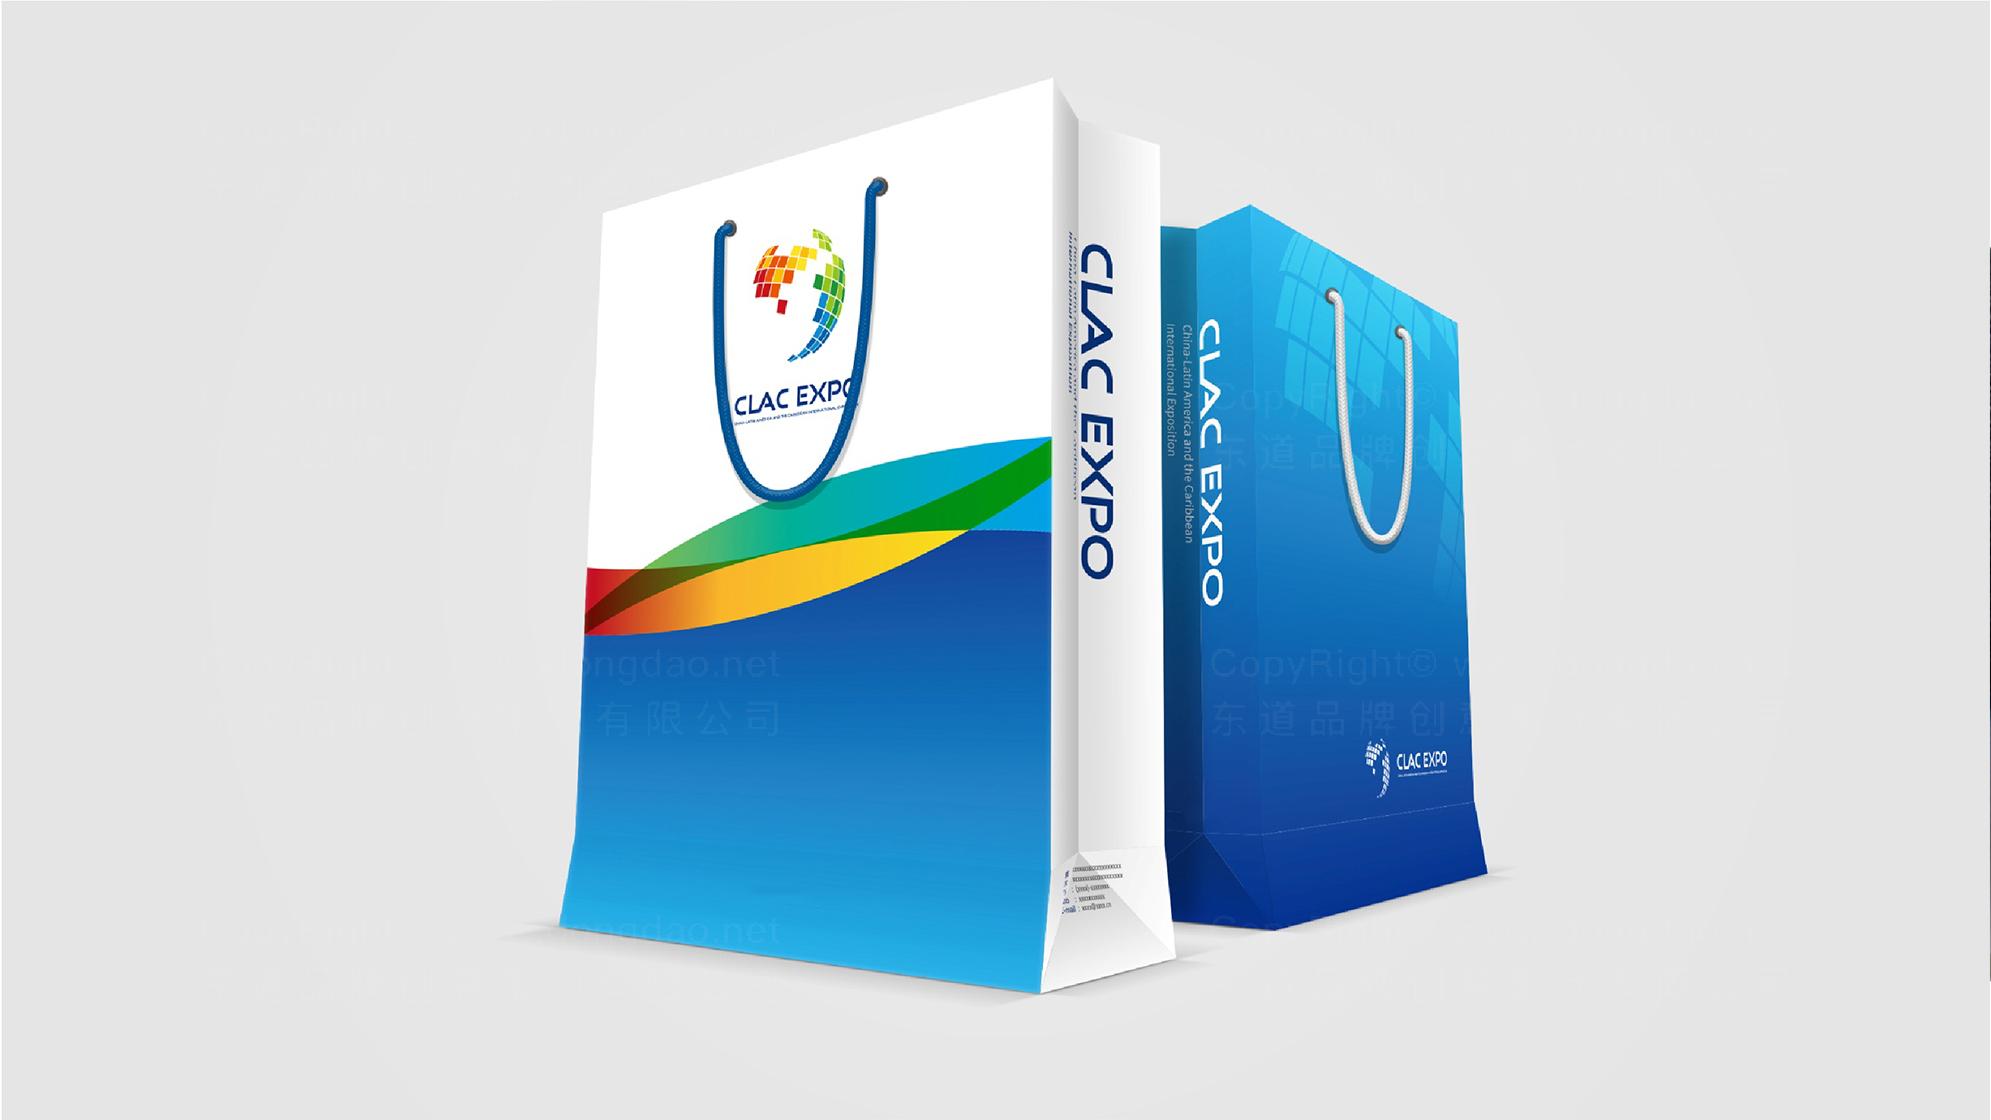 中拉国际博览会logo设计、vi设计应用场景